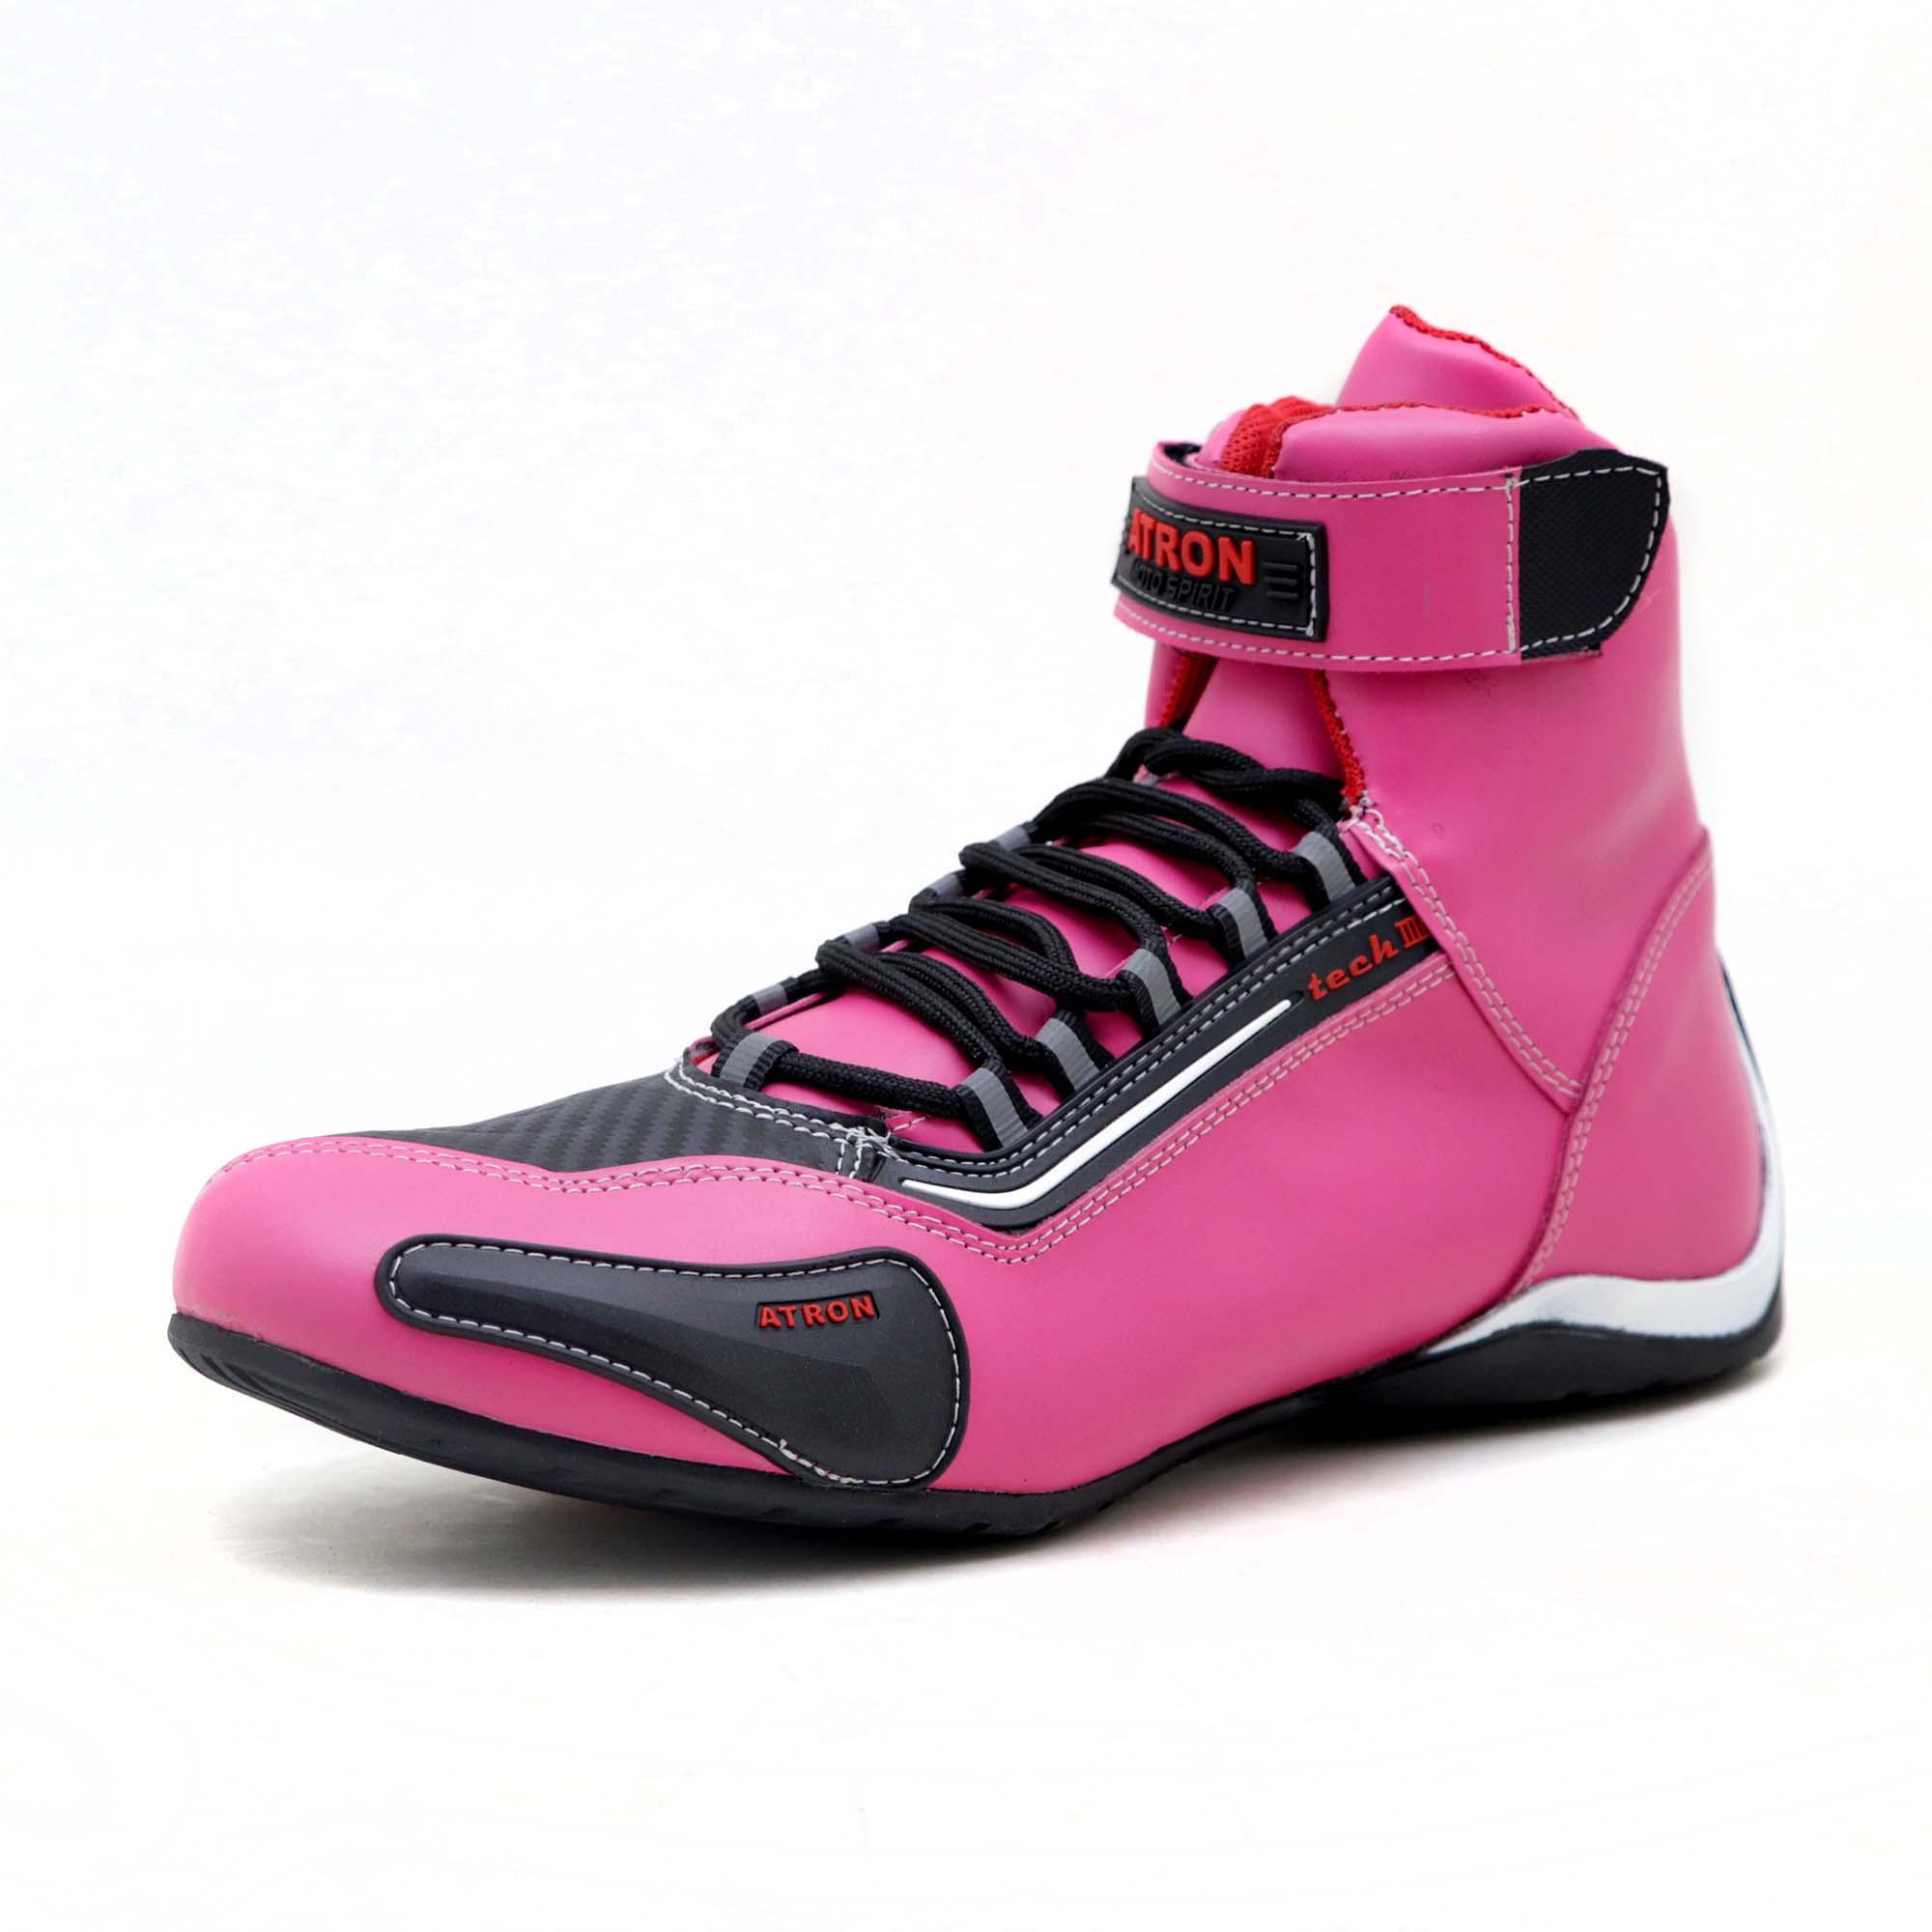 KIT CHINELO Tênis motociclista cano alto em couro legítimo nas cores pink preto 311